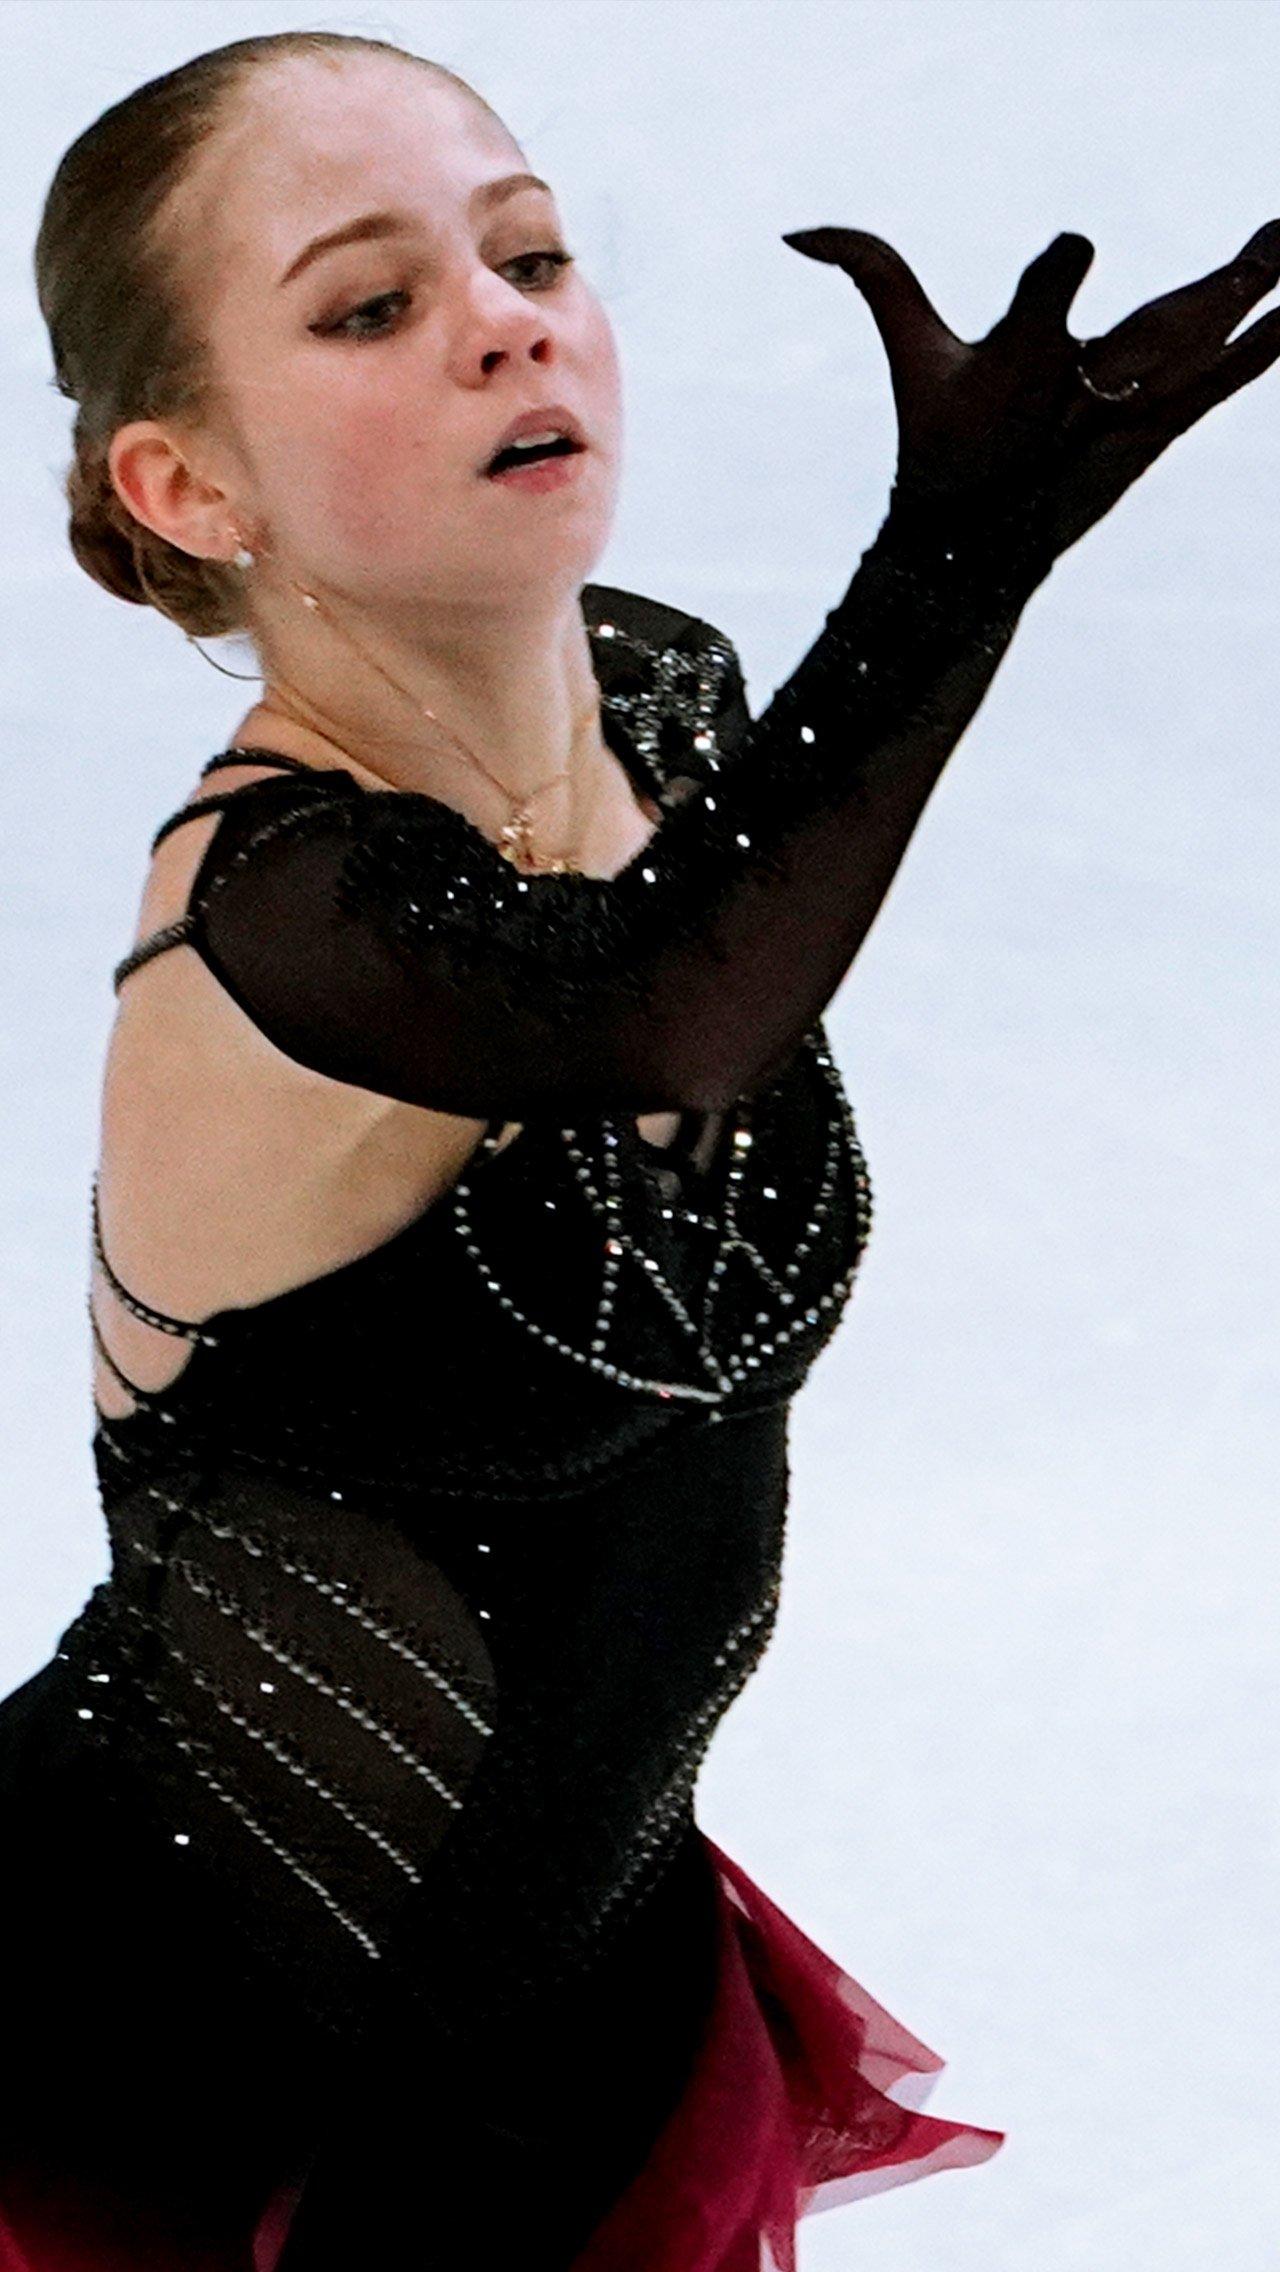 Александра Трусова вернулась от Плющенко к Этери Тутберидзе. За сезон под началом Евгения Саша завоевала бронзу чемпионатов мира и России.